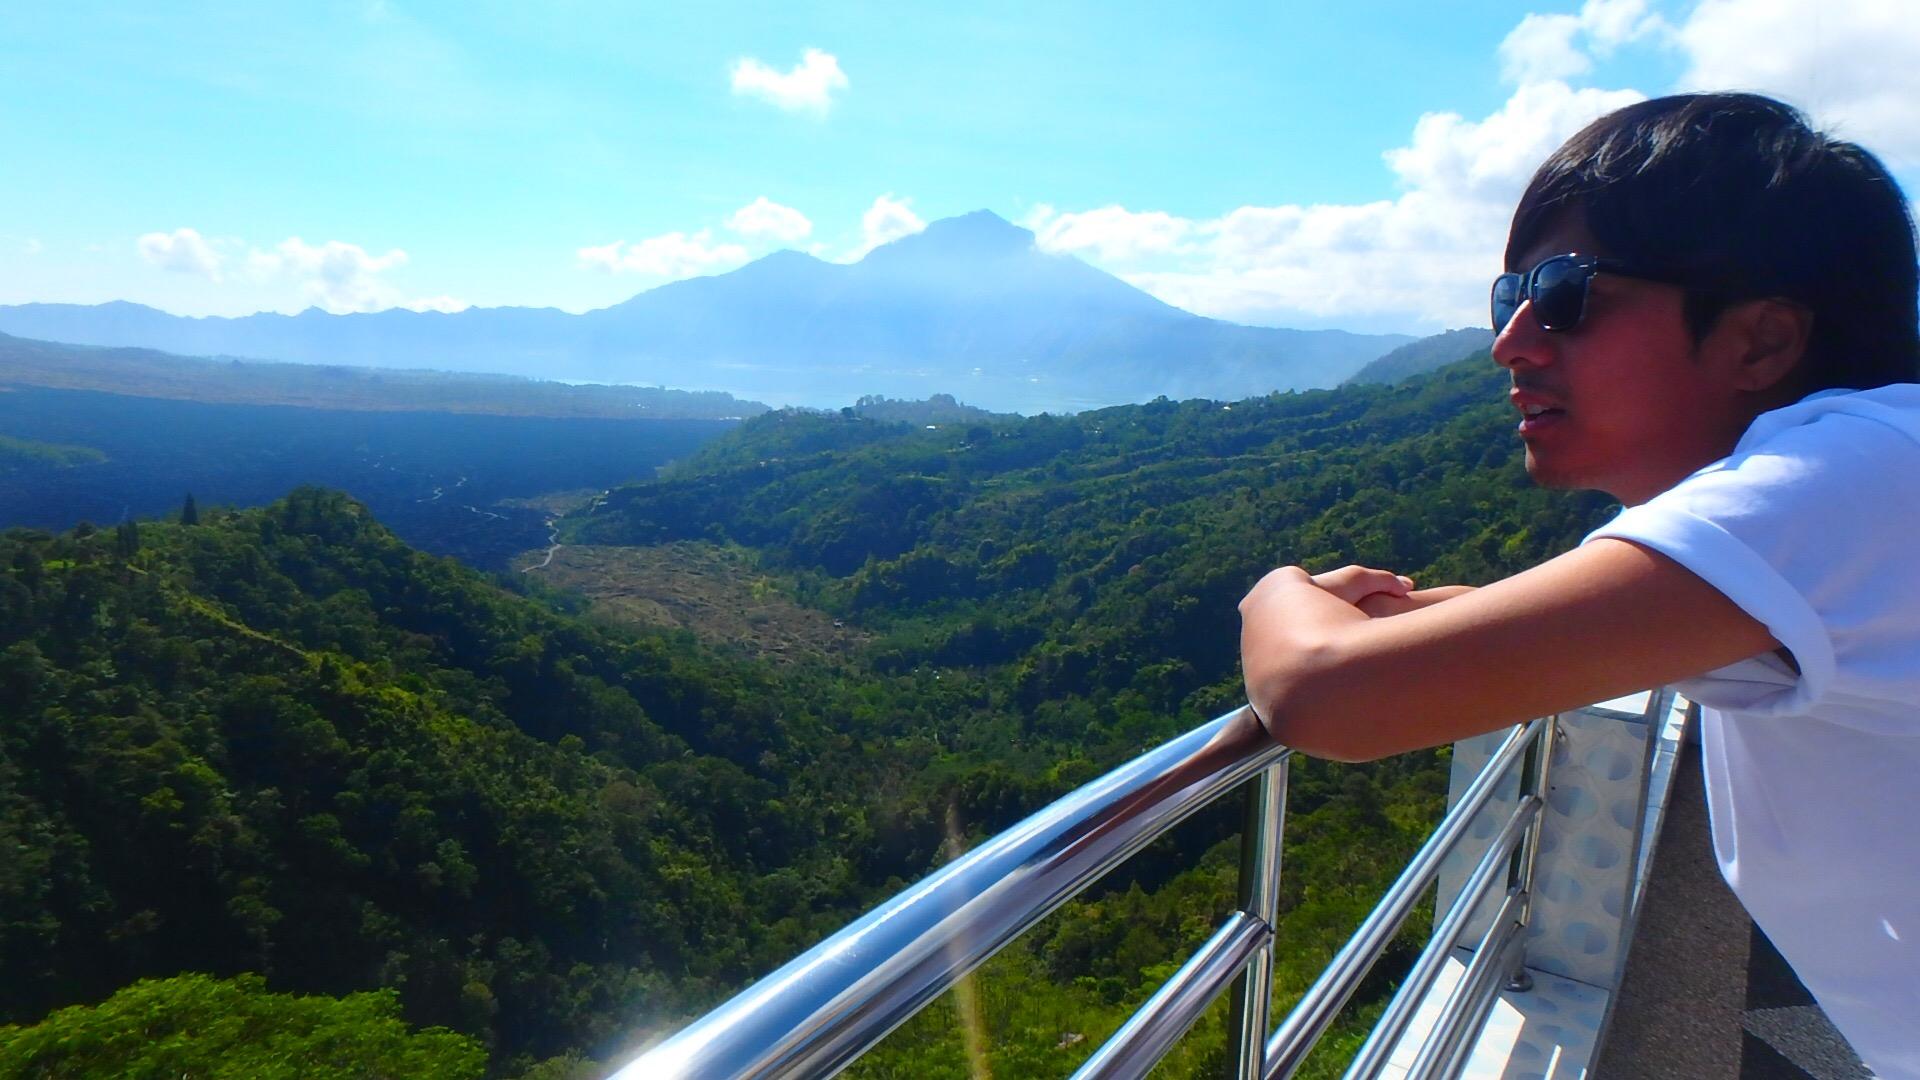 バリ島世界遺産キンタマーニ高原から眺めるバトゥール湖